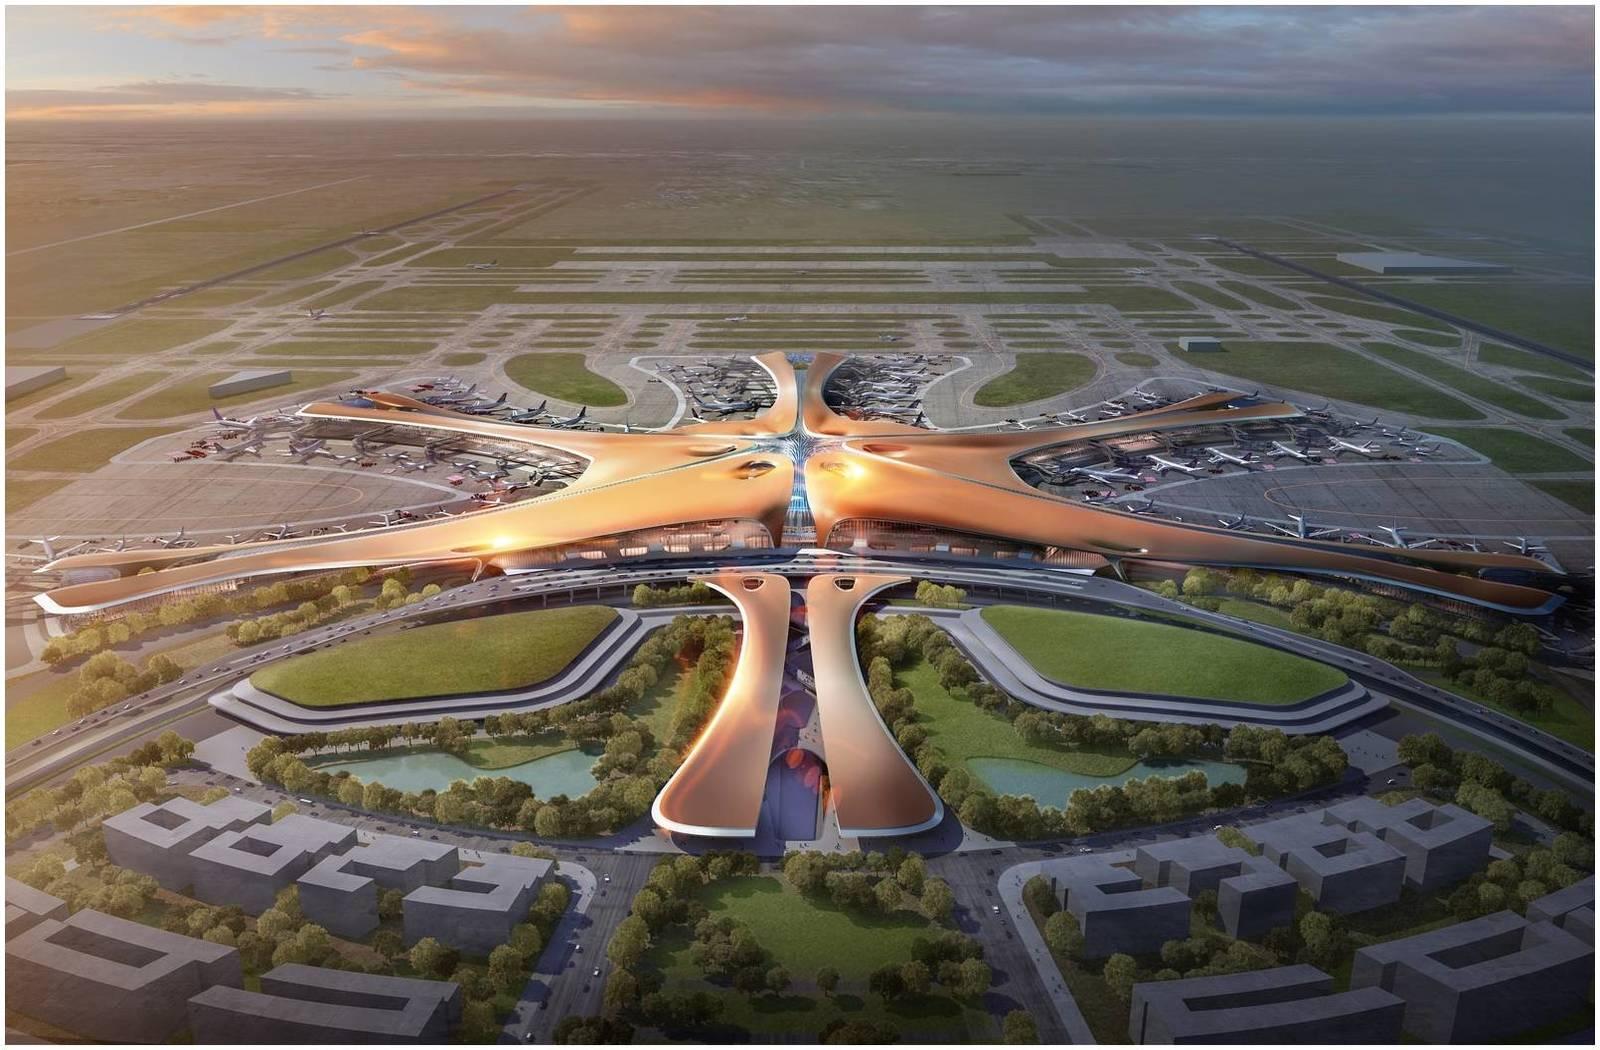 Aeroport de Pekin